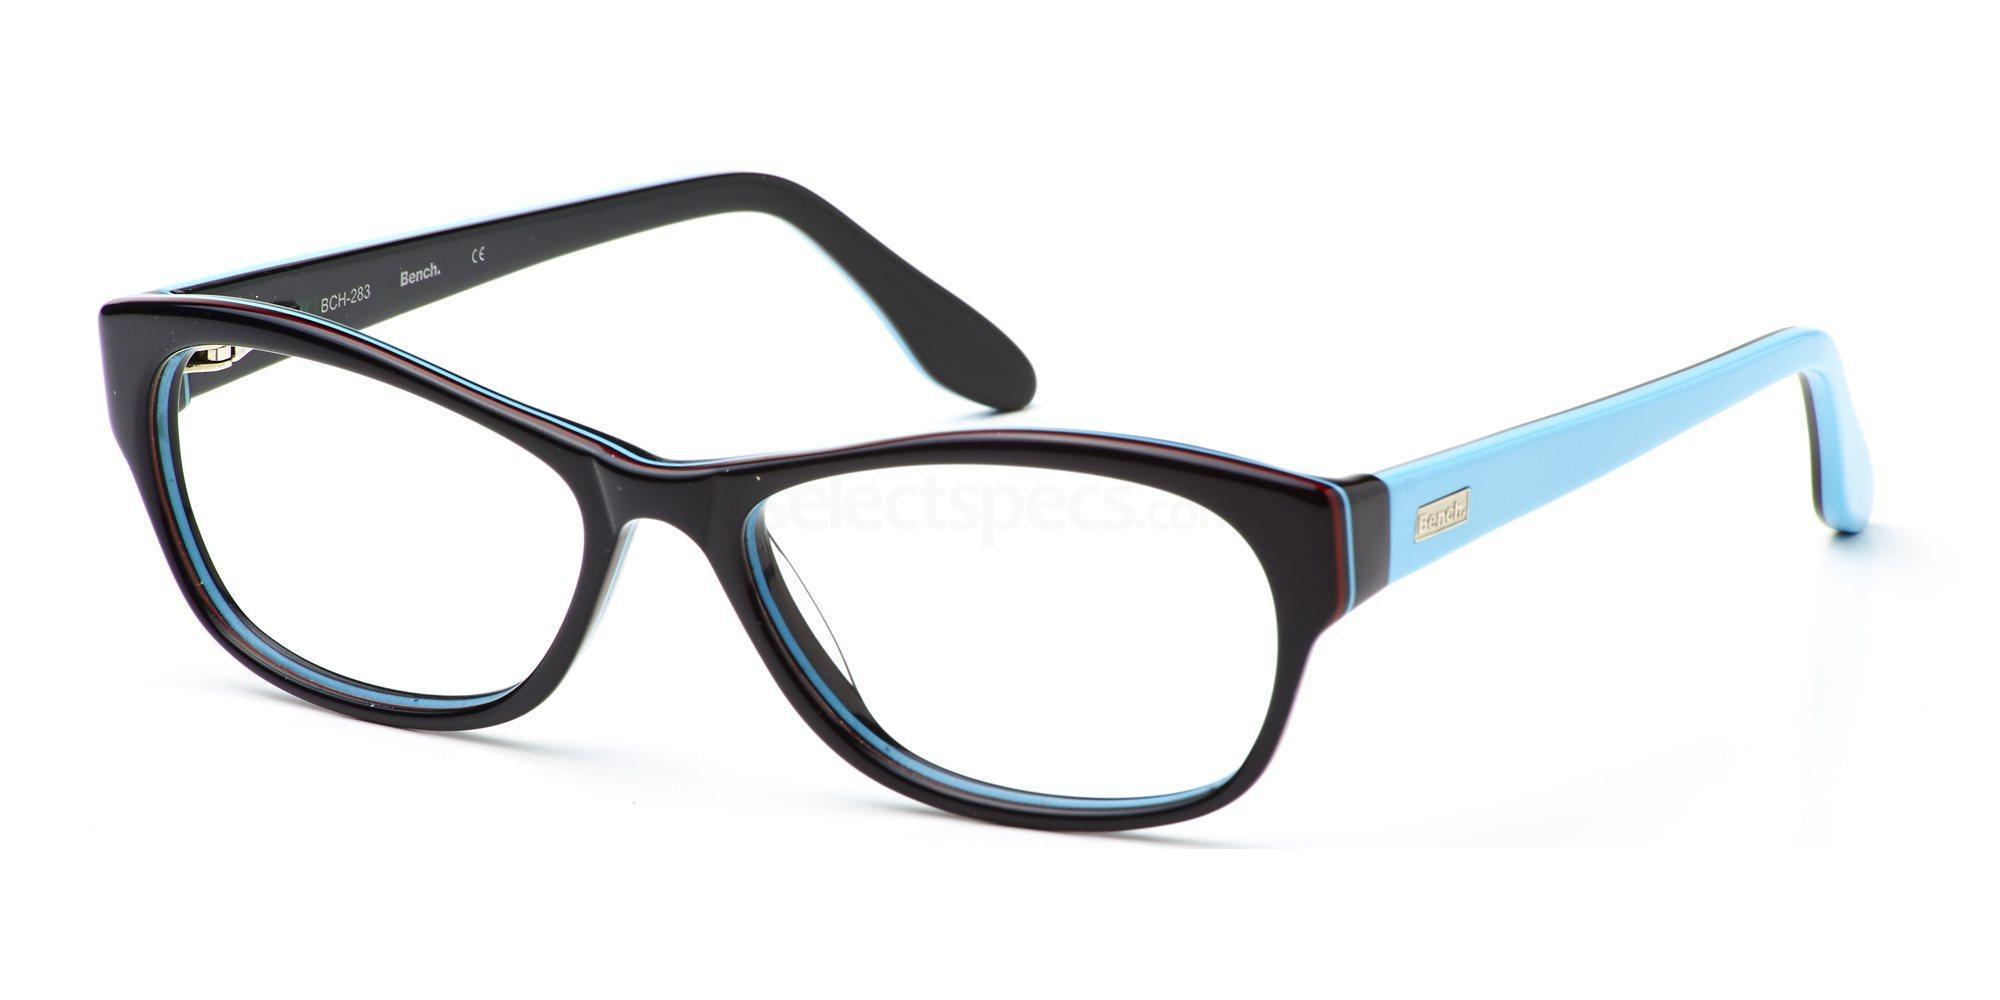 C1 BCH283 Glasses, Bench